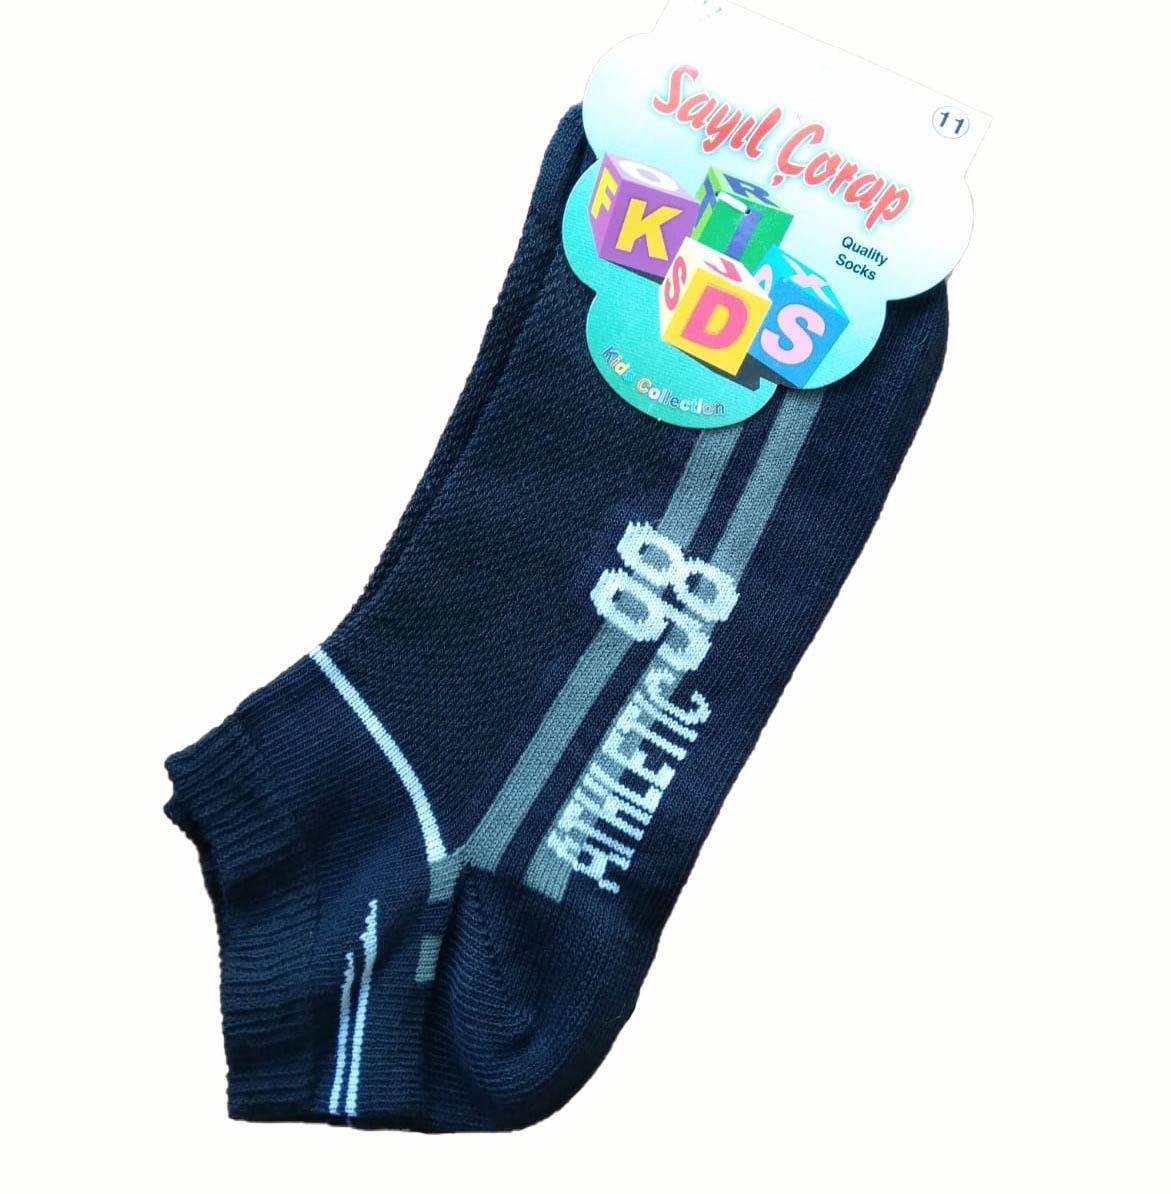 Sayıl Erkek Çocuk Patik Çorap Kısa Çorap 1 Çift